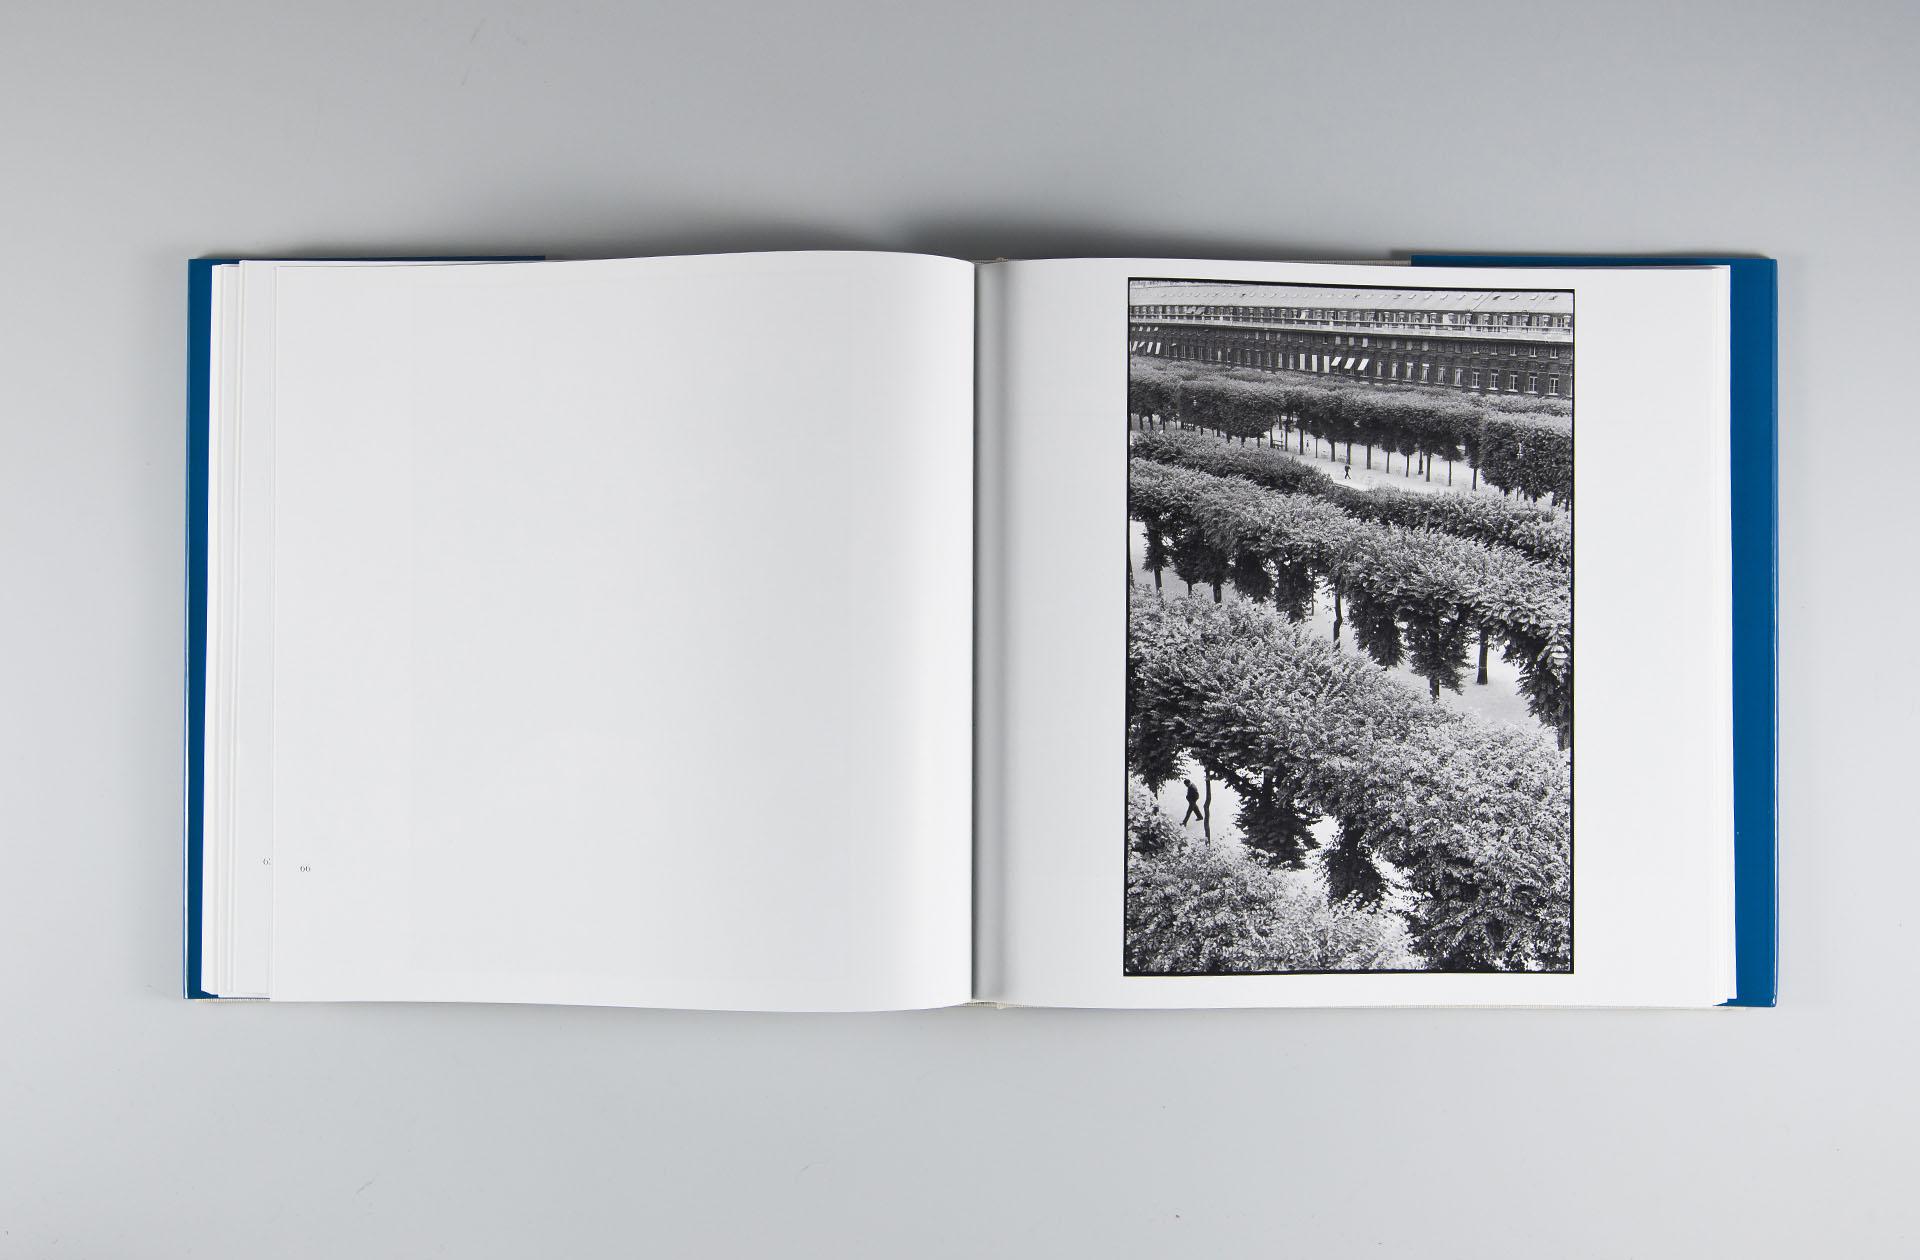 delpire-CARTIER-BRESSON-henri-paysages